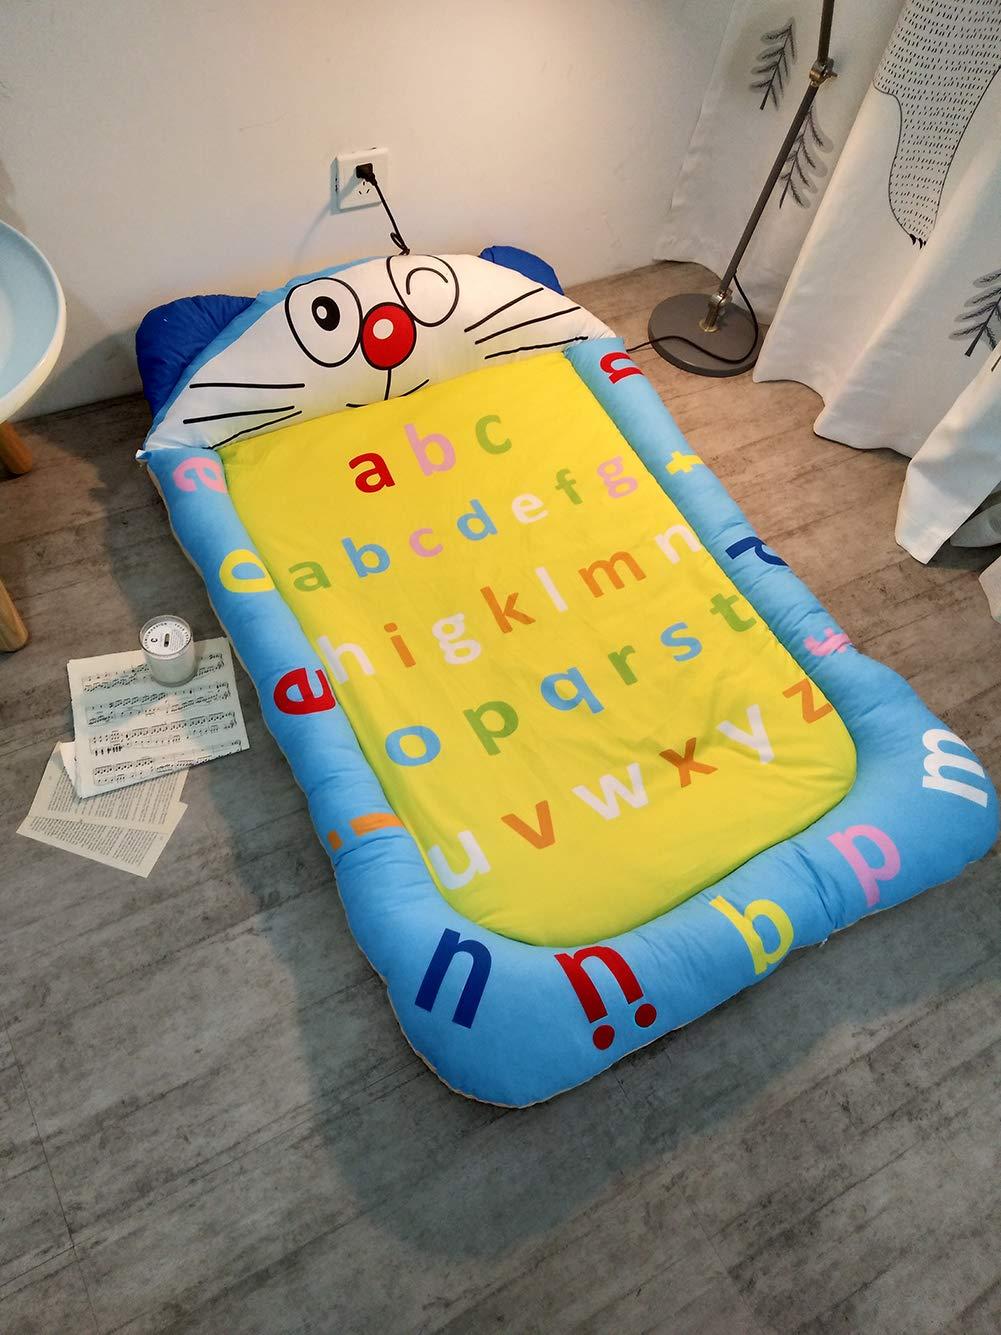 ventas directas de fábrica F Baby Kids Rastreador de juegos (55.2 x 39.8 39.8 39.8 ) Suave y lavable Manta de juegos para niños pequeños y niños, Cama para niños con almohada y tumbona (F)  más vendido